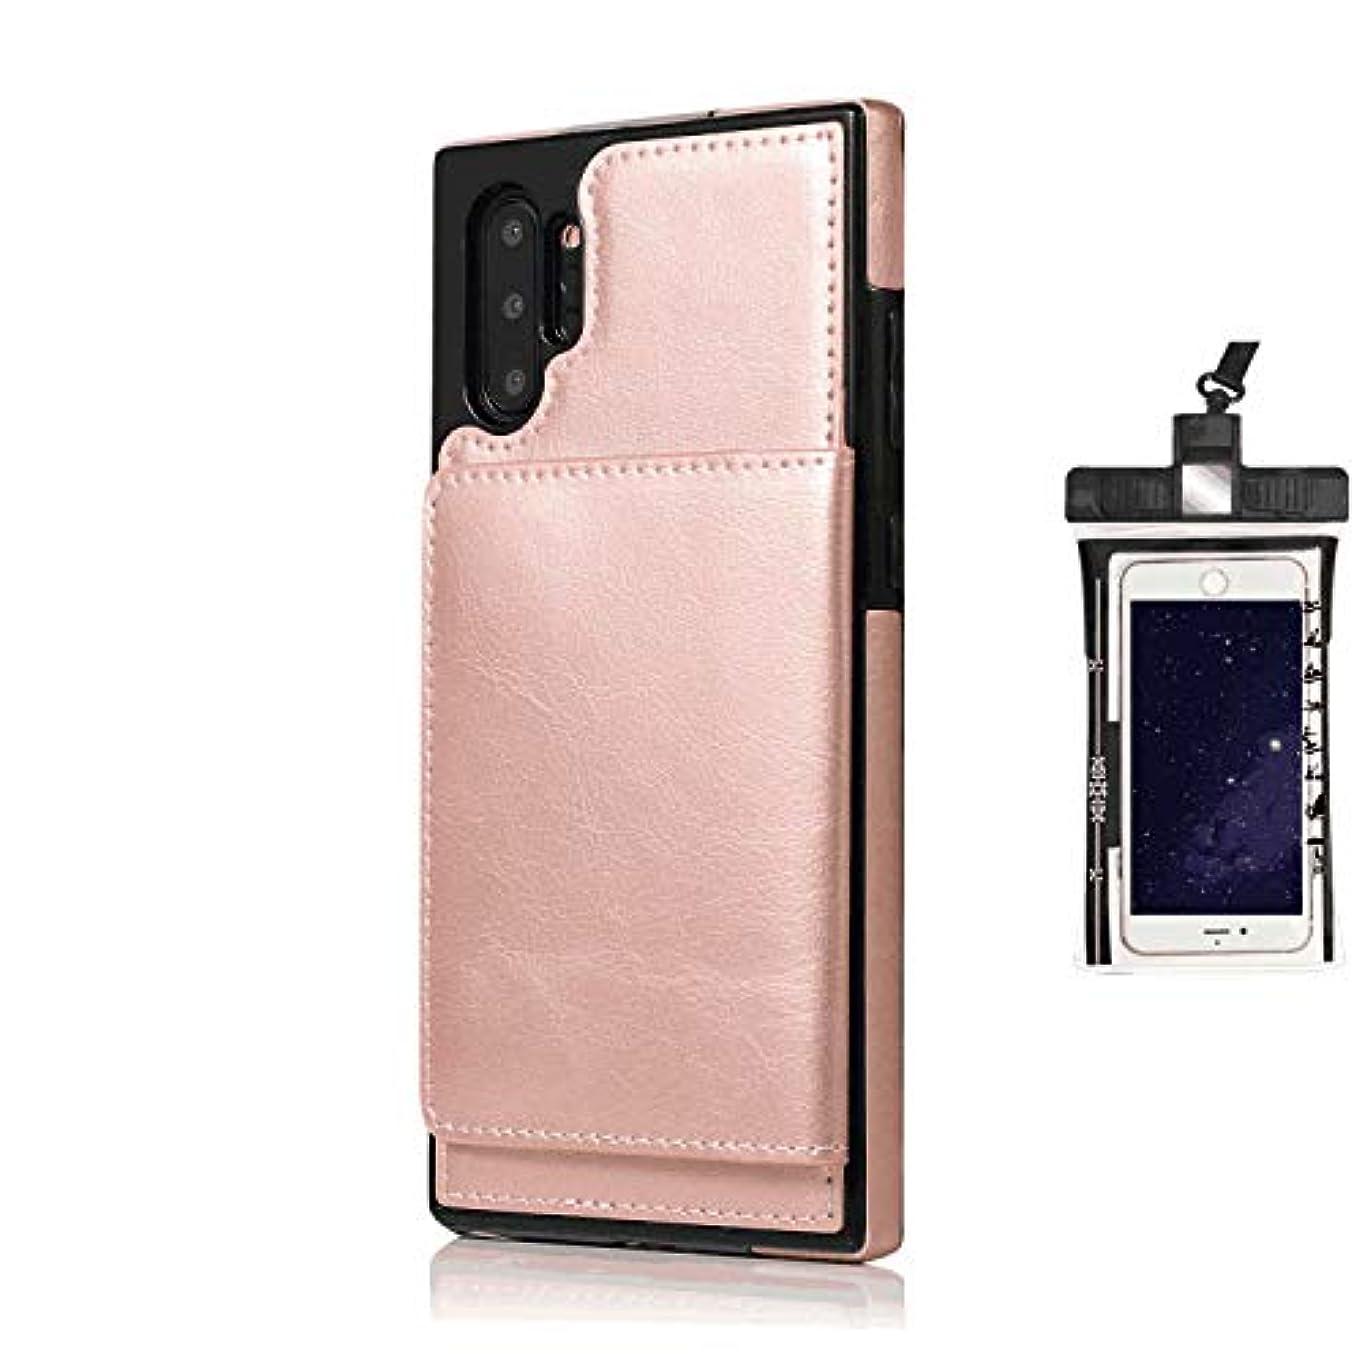 バラ色トレーダー真面目な耐汚れ 手帳型 サムスン ギャラクシー Samsung Galaxy S9 ケース レザー スマホケース 財布型 本革 カバー収納